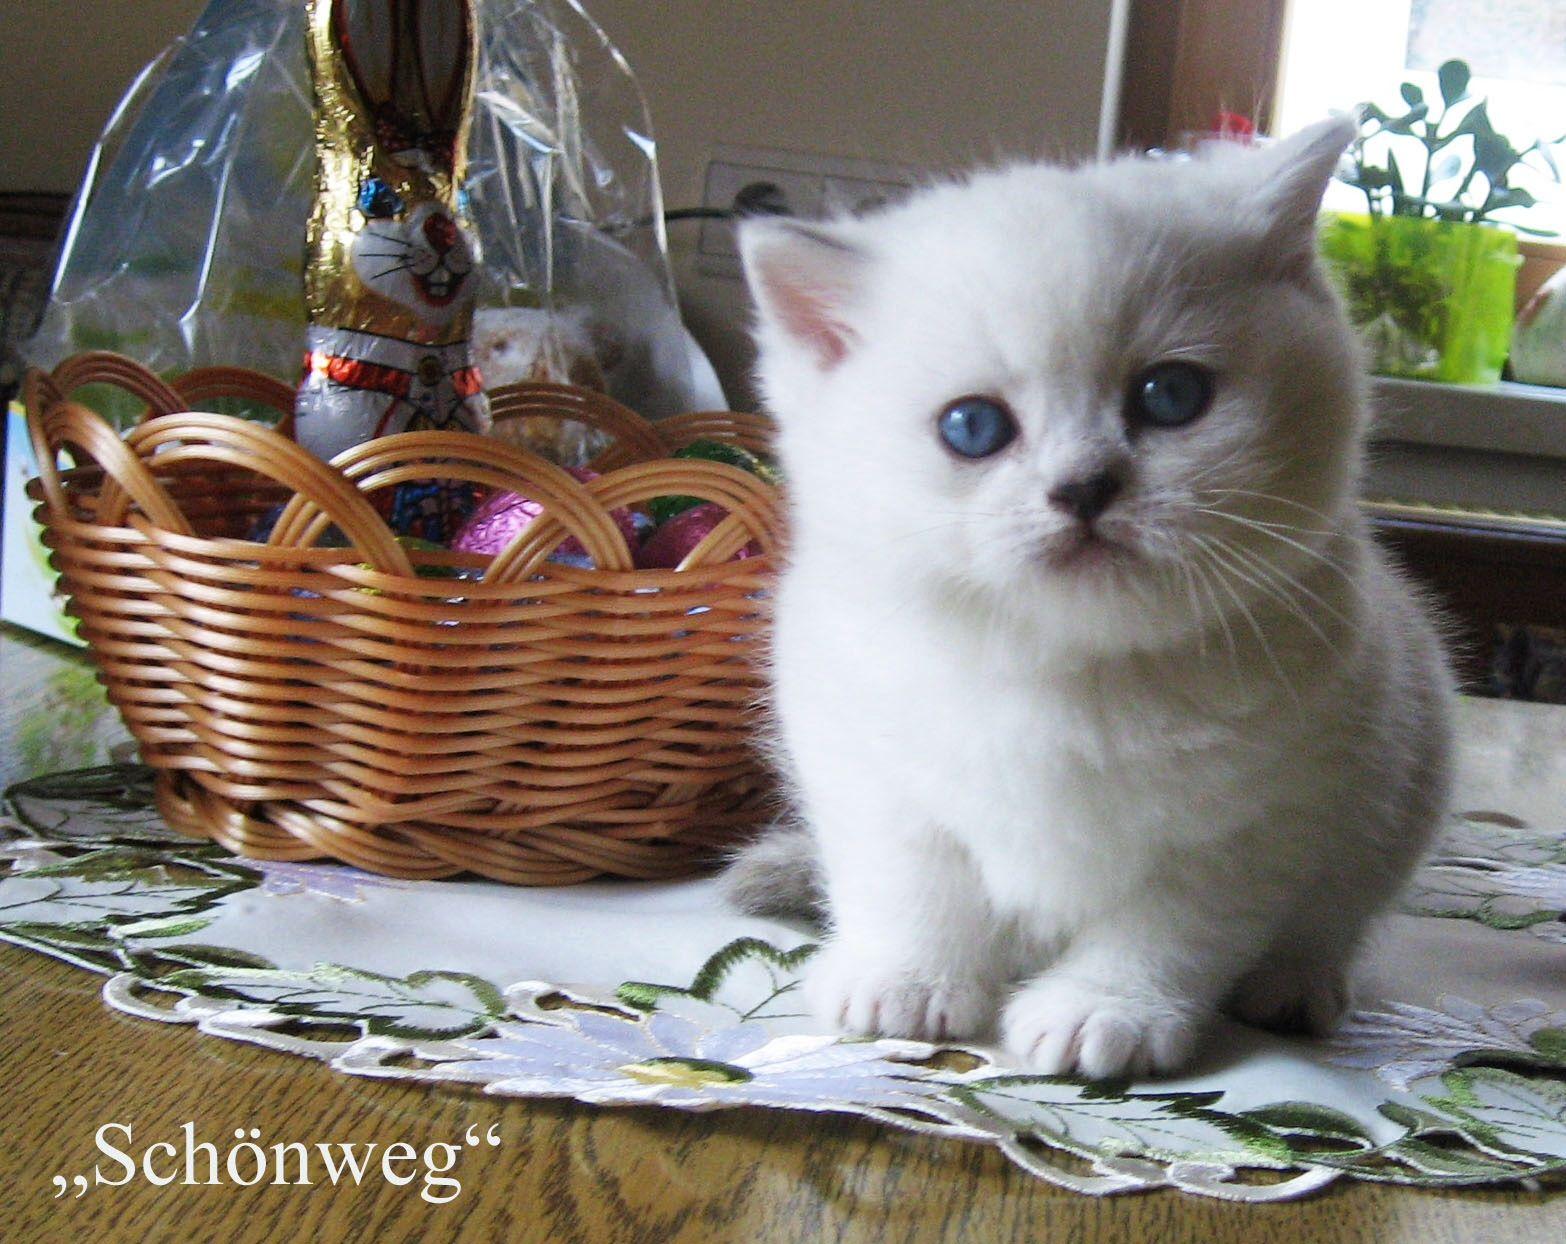 Schonweg Kitten